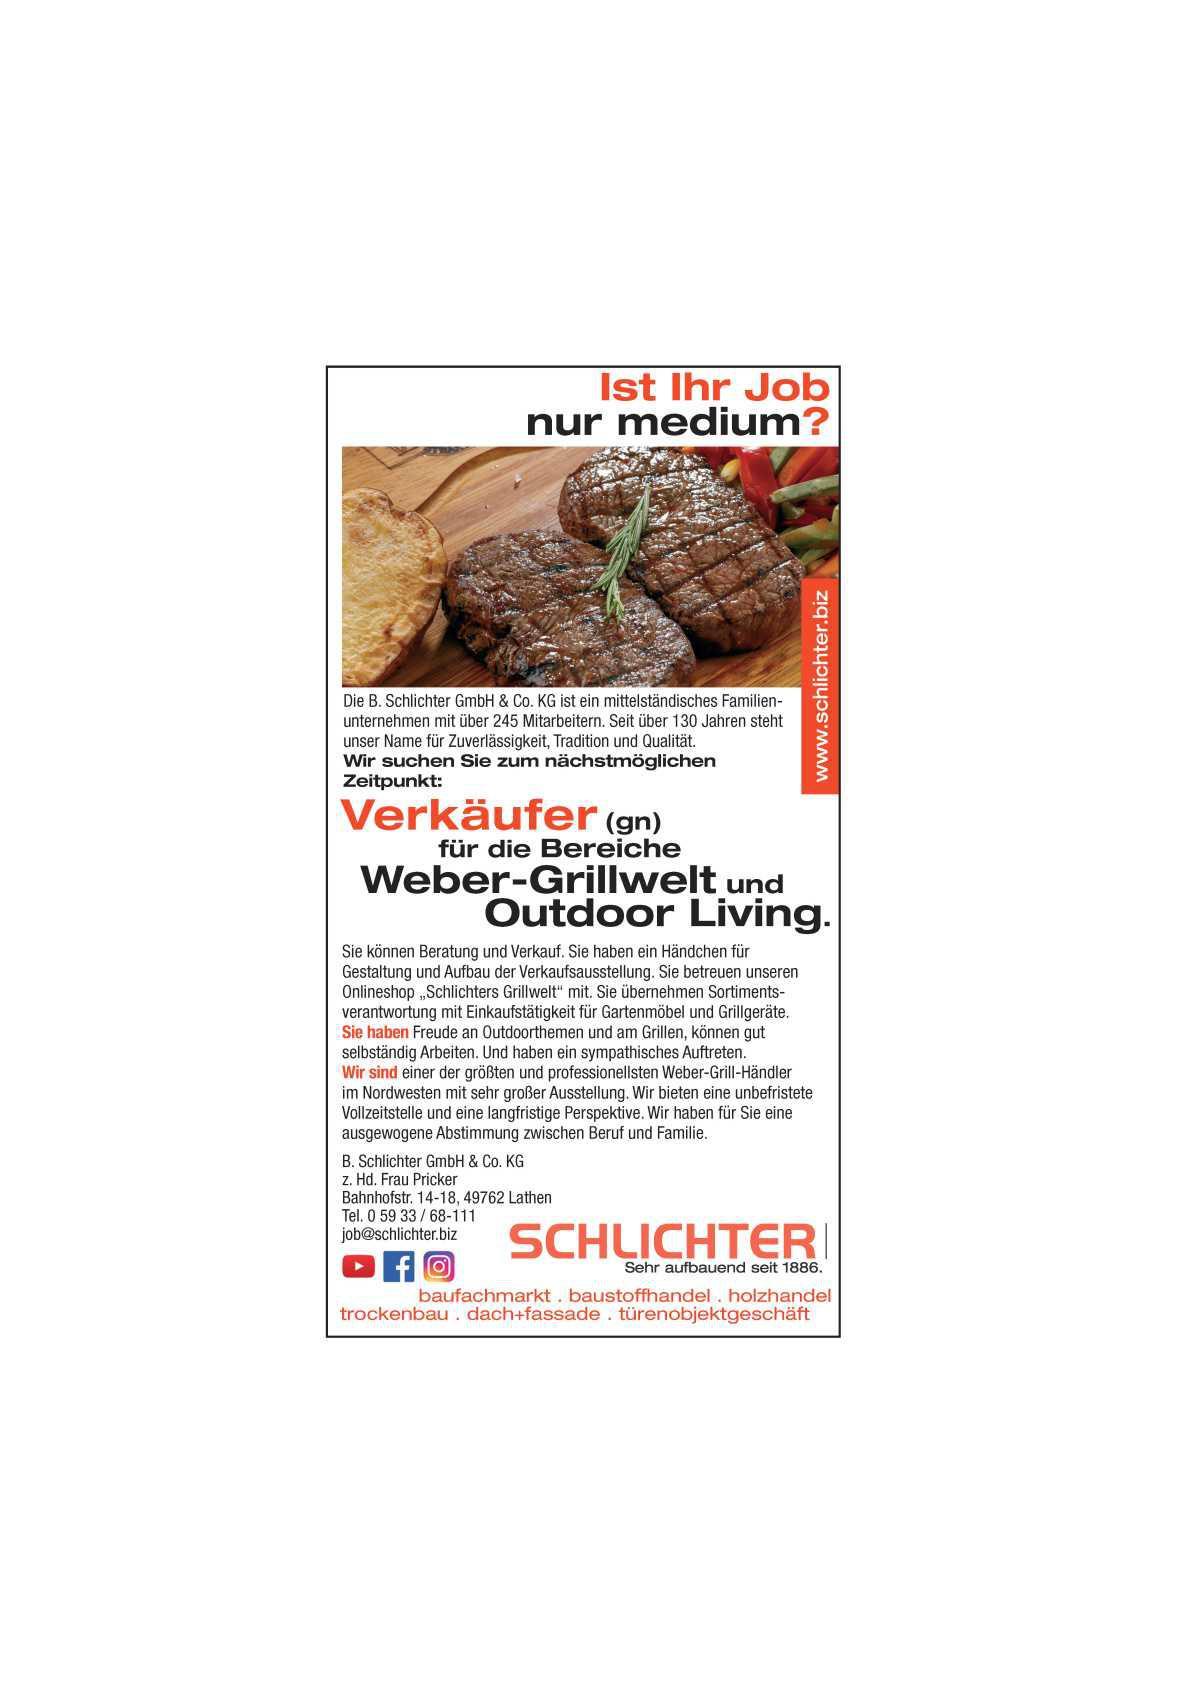 Verkäufer (gn) für die Bereiche Weber-Grillwelt und Outdoor Living